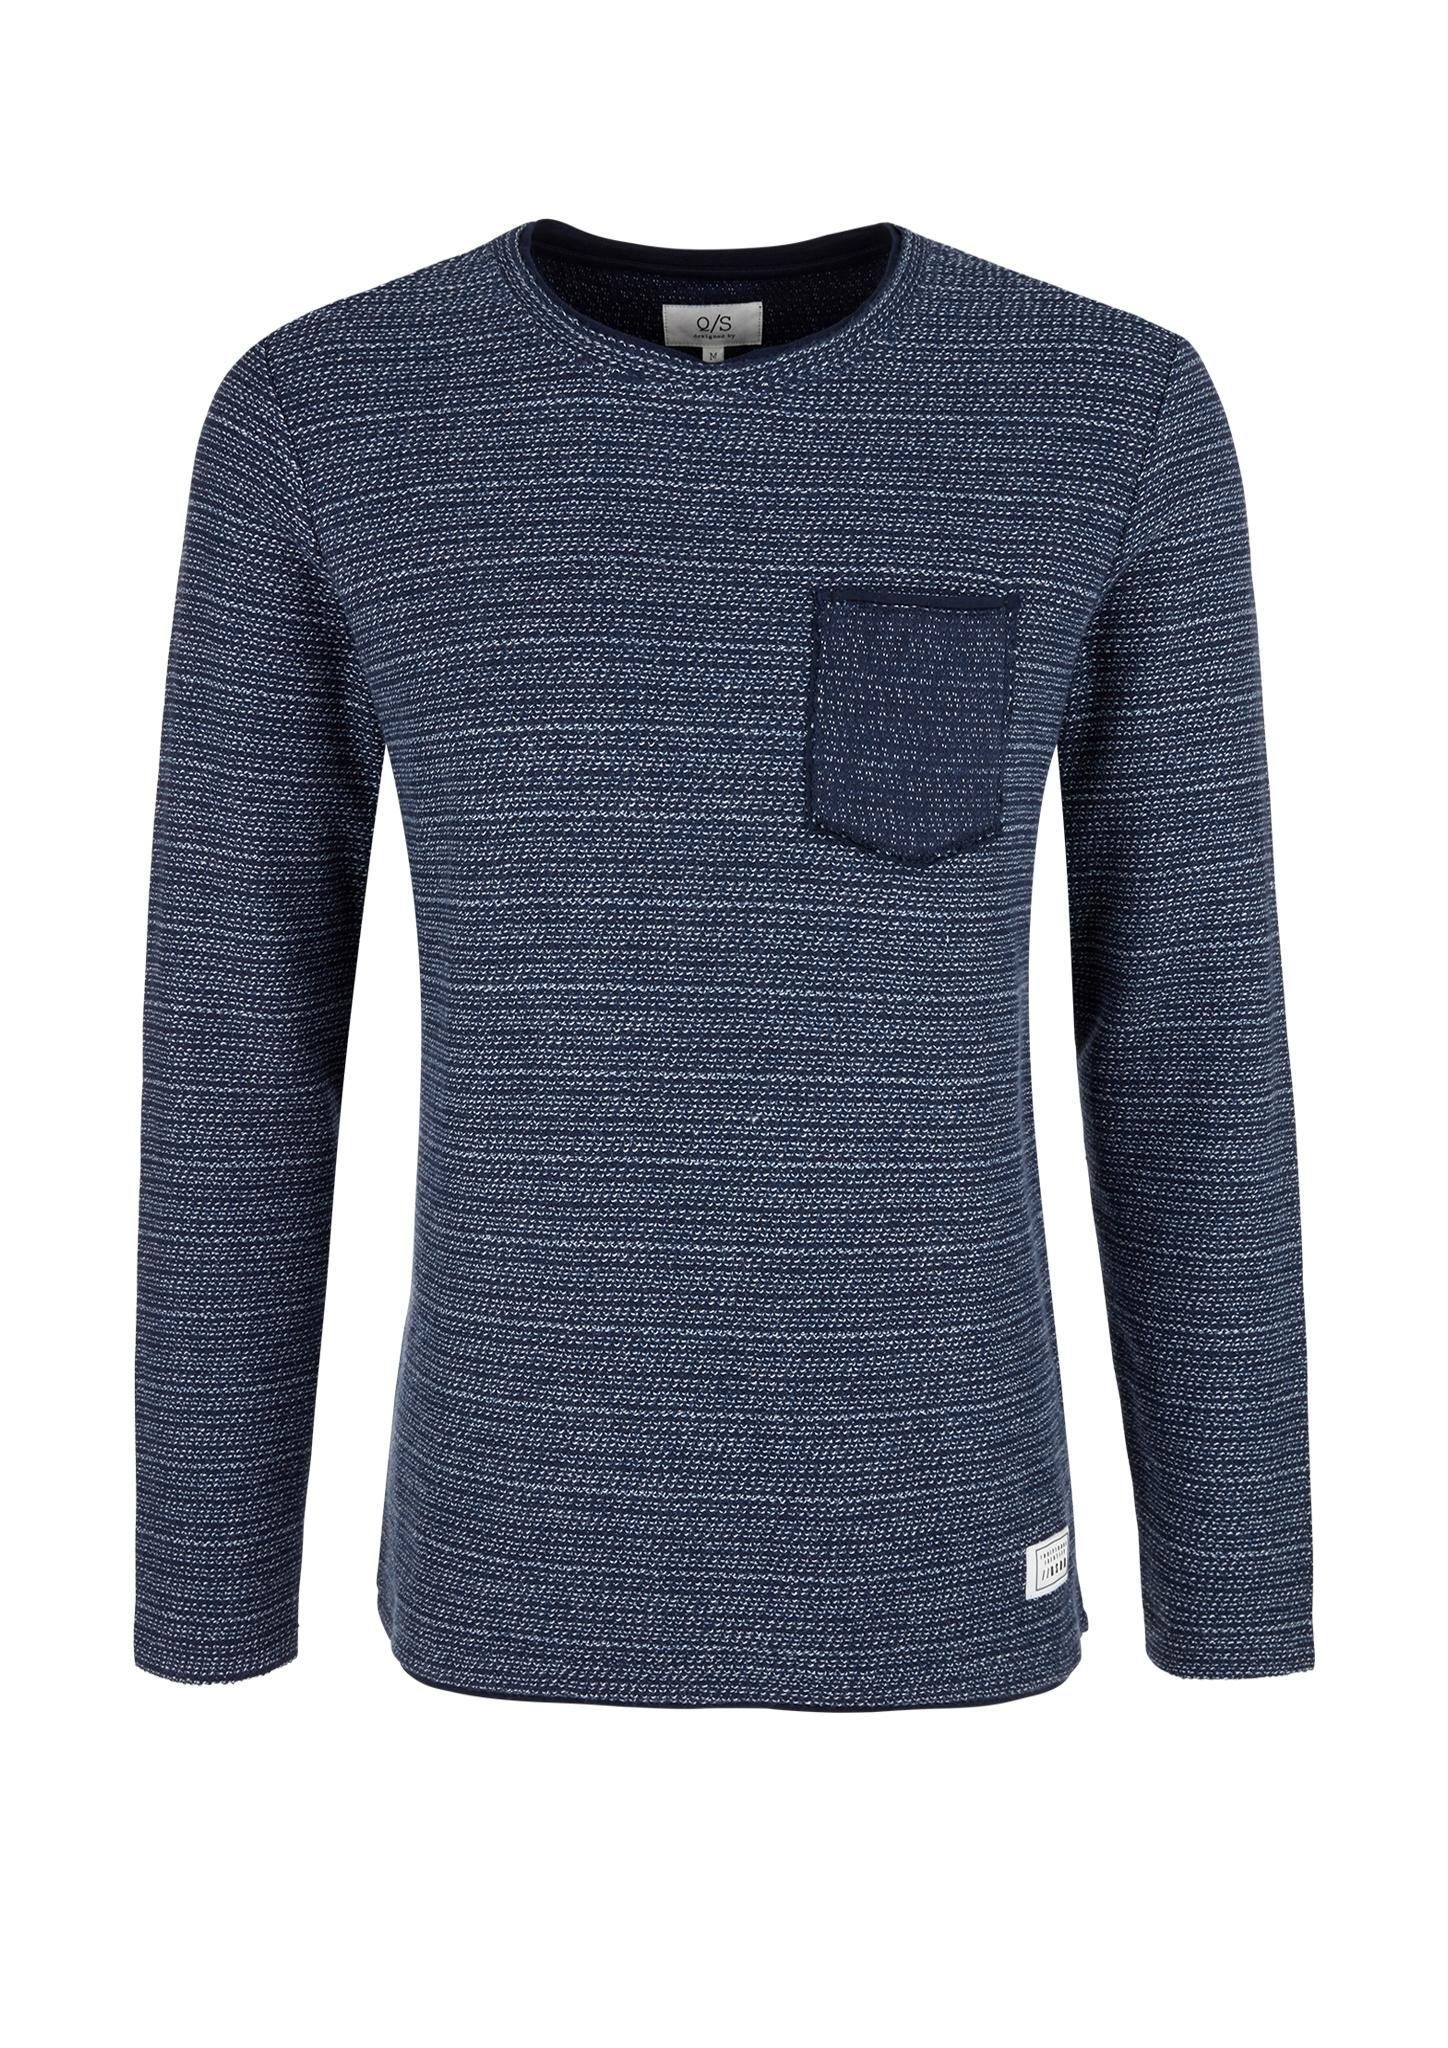 Sweatshirt | Bekleidung > Sweatshirts & -jacken | Blau | 100% baumwolle | Q/S designed by